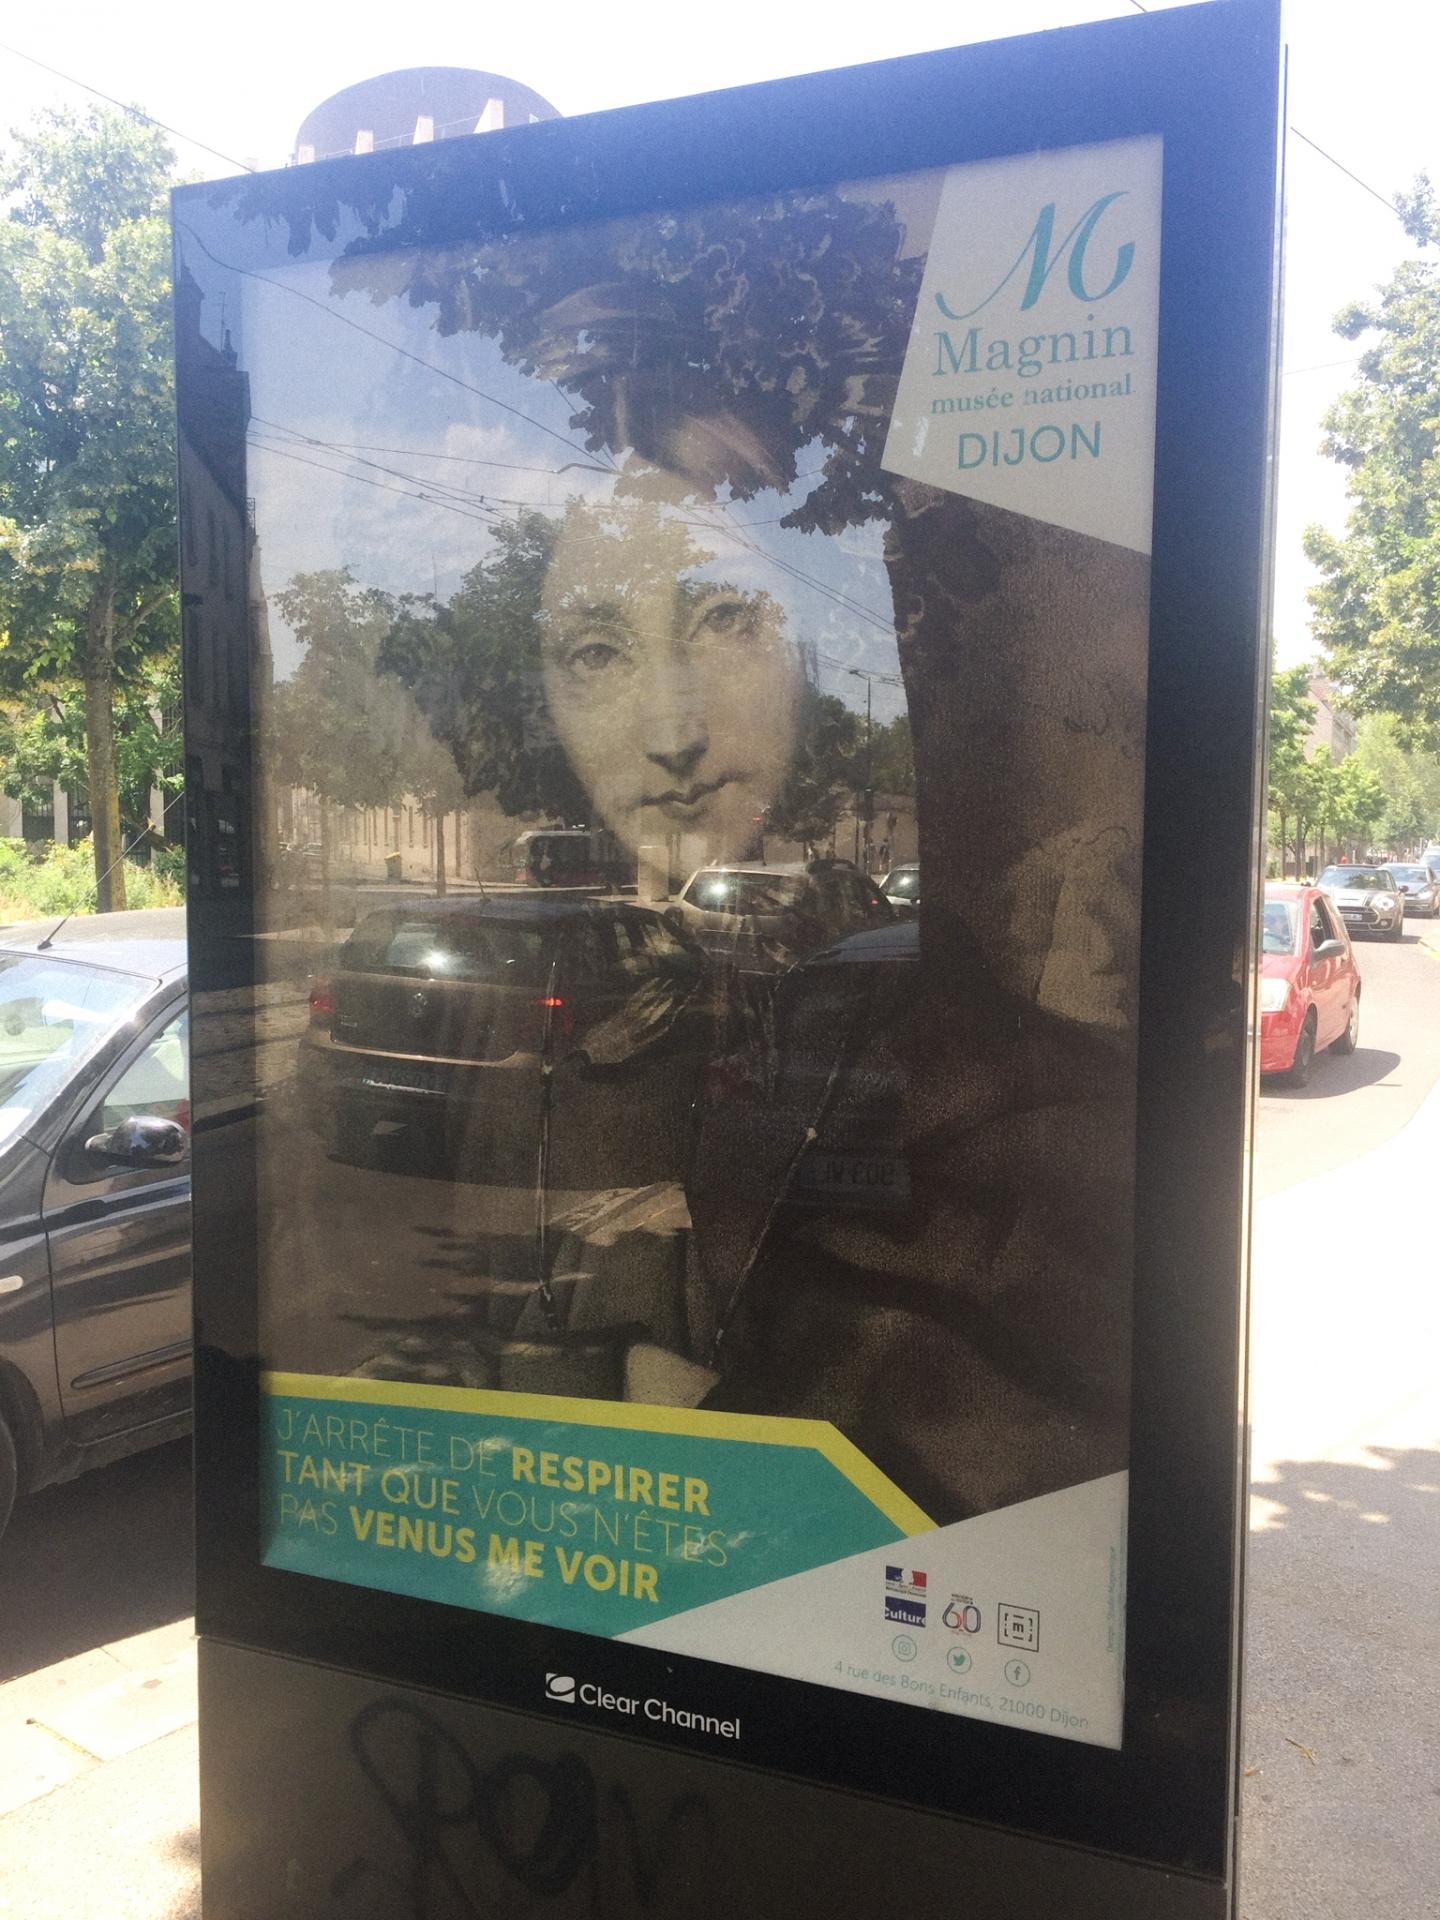 Campagne d'affichage du musée Magnin quatrième affiche dans la rue